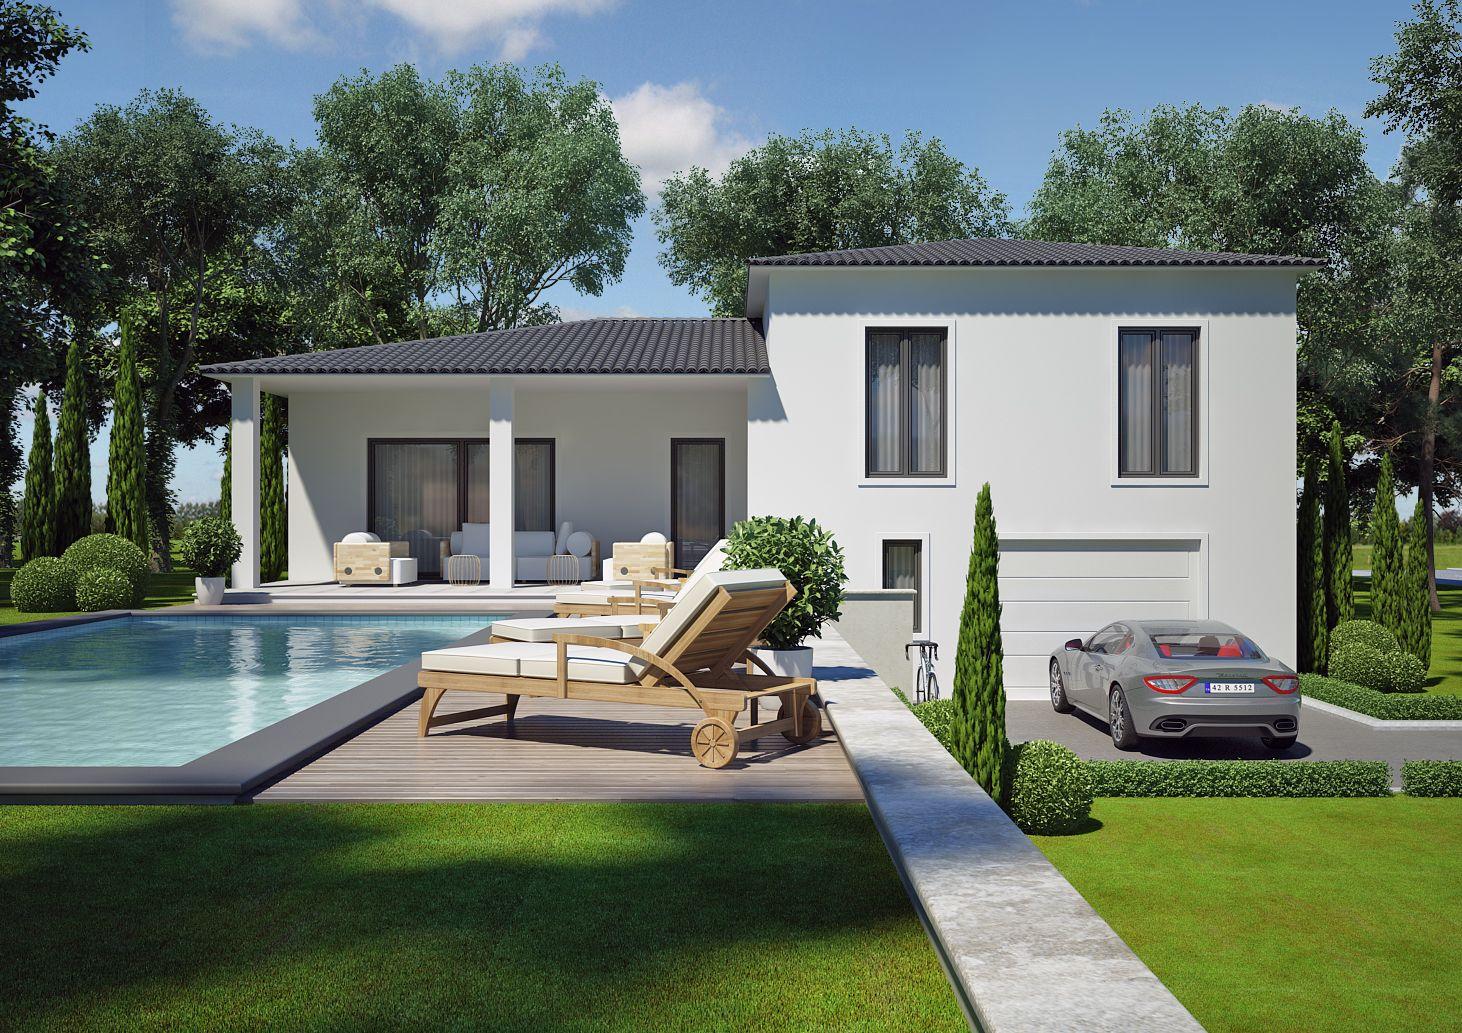 Modele Villa Contemporaine 100m2 Demi Etage Agate Azur Logement